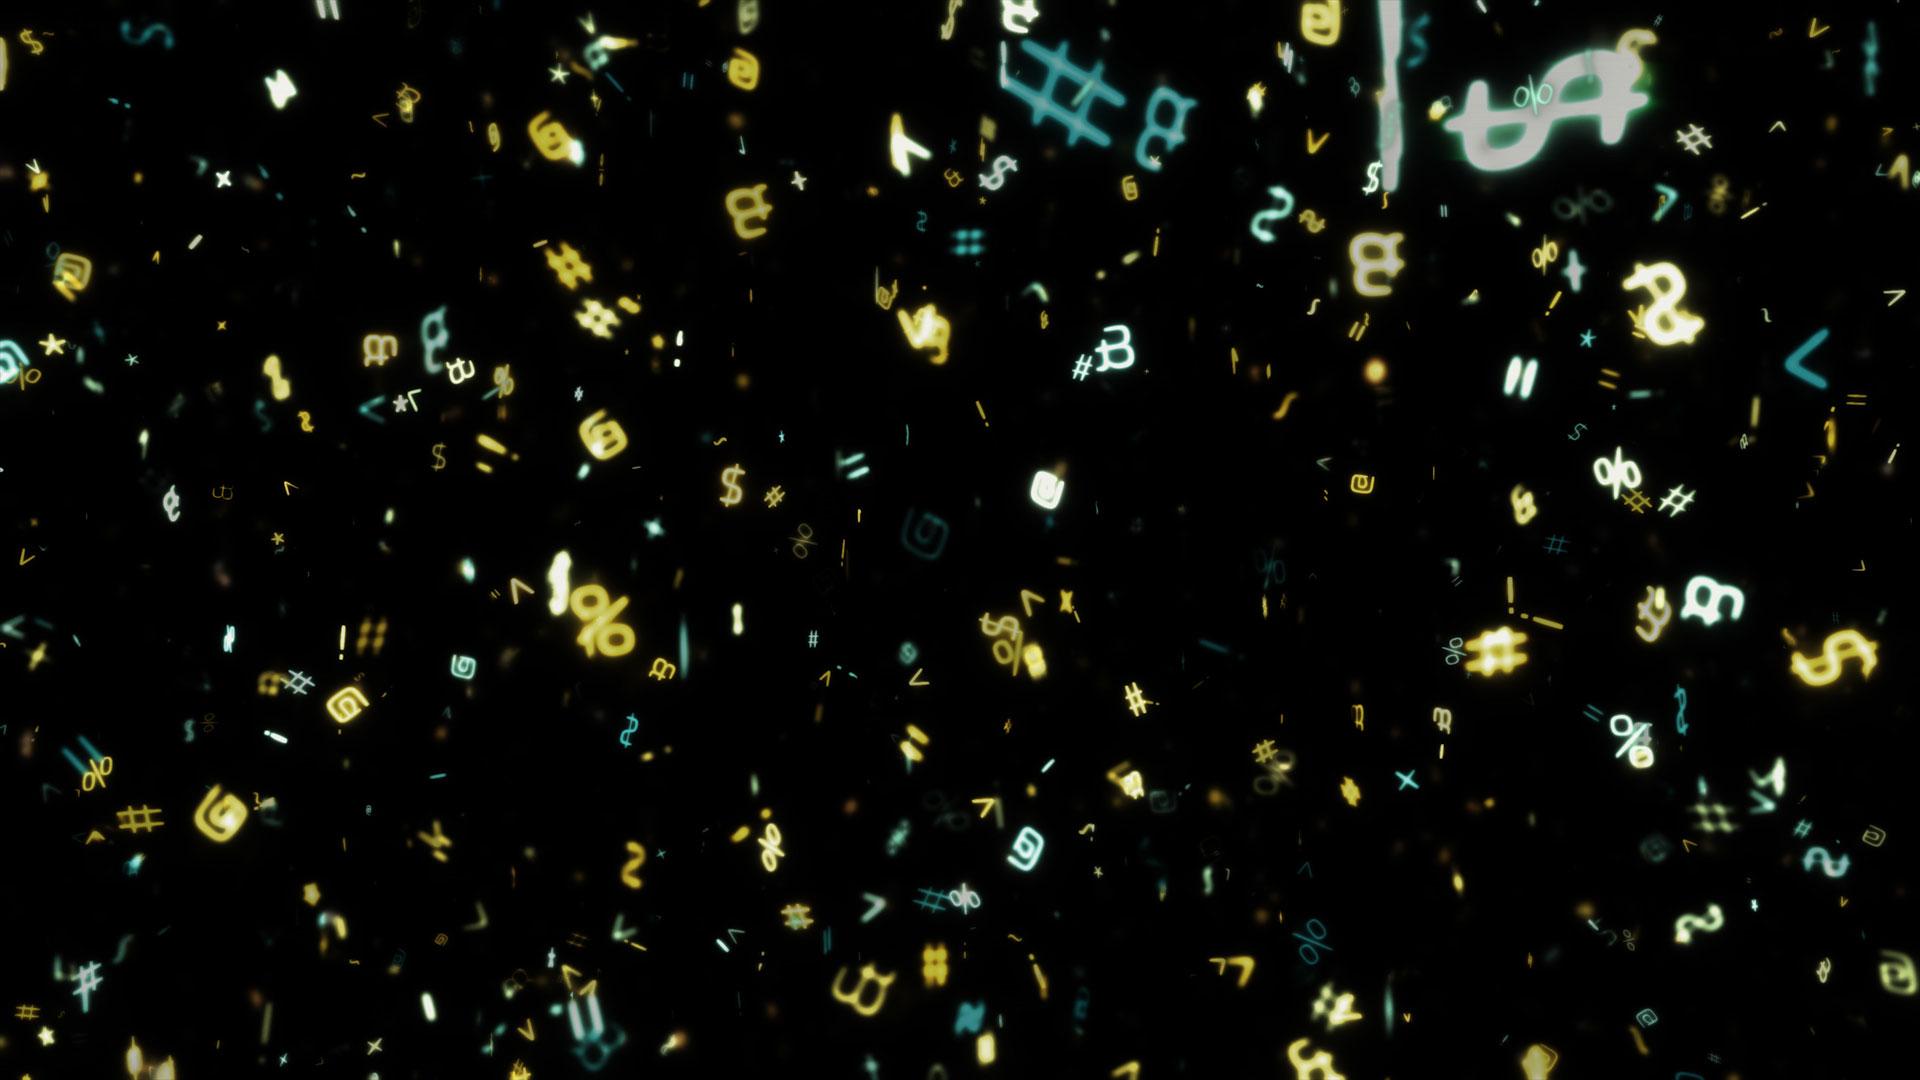 KZ_Cyberspace_19_Still001